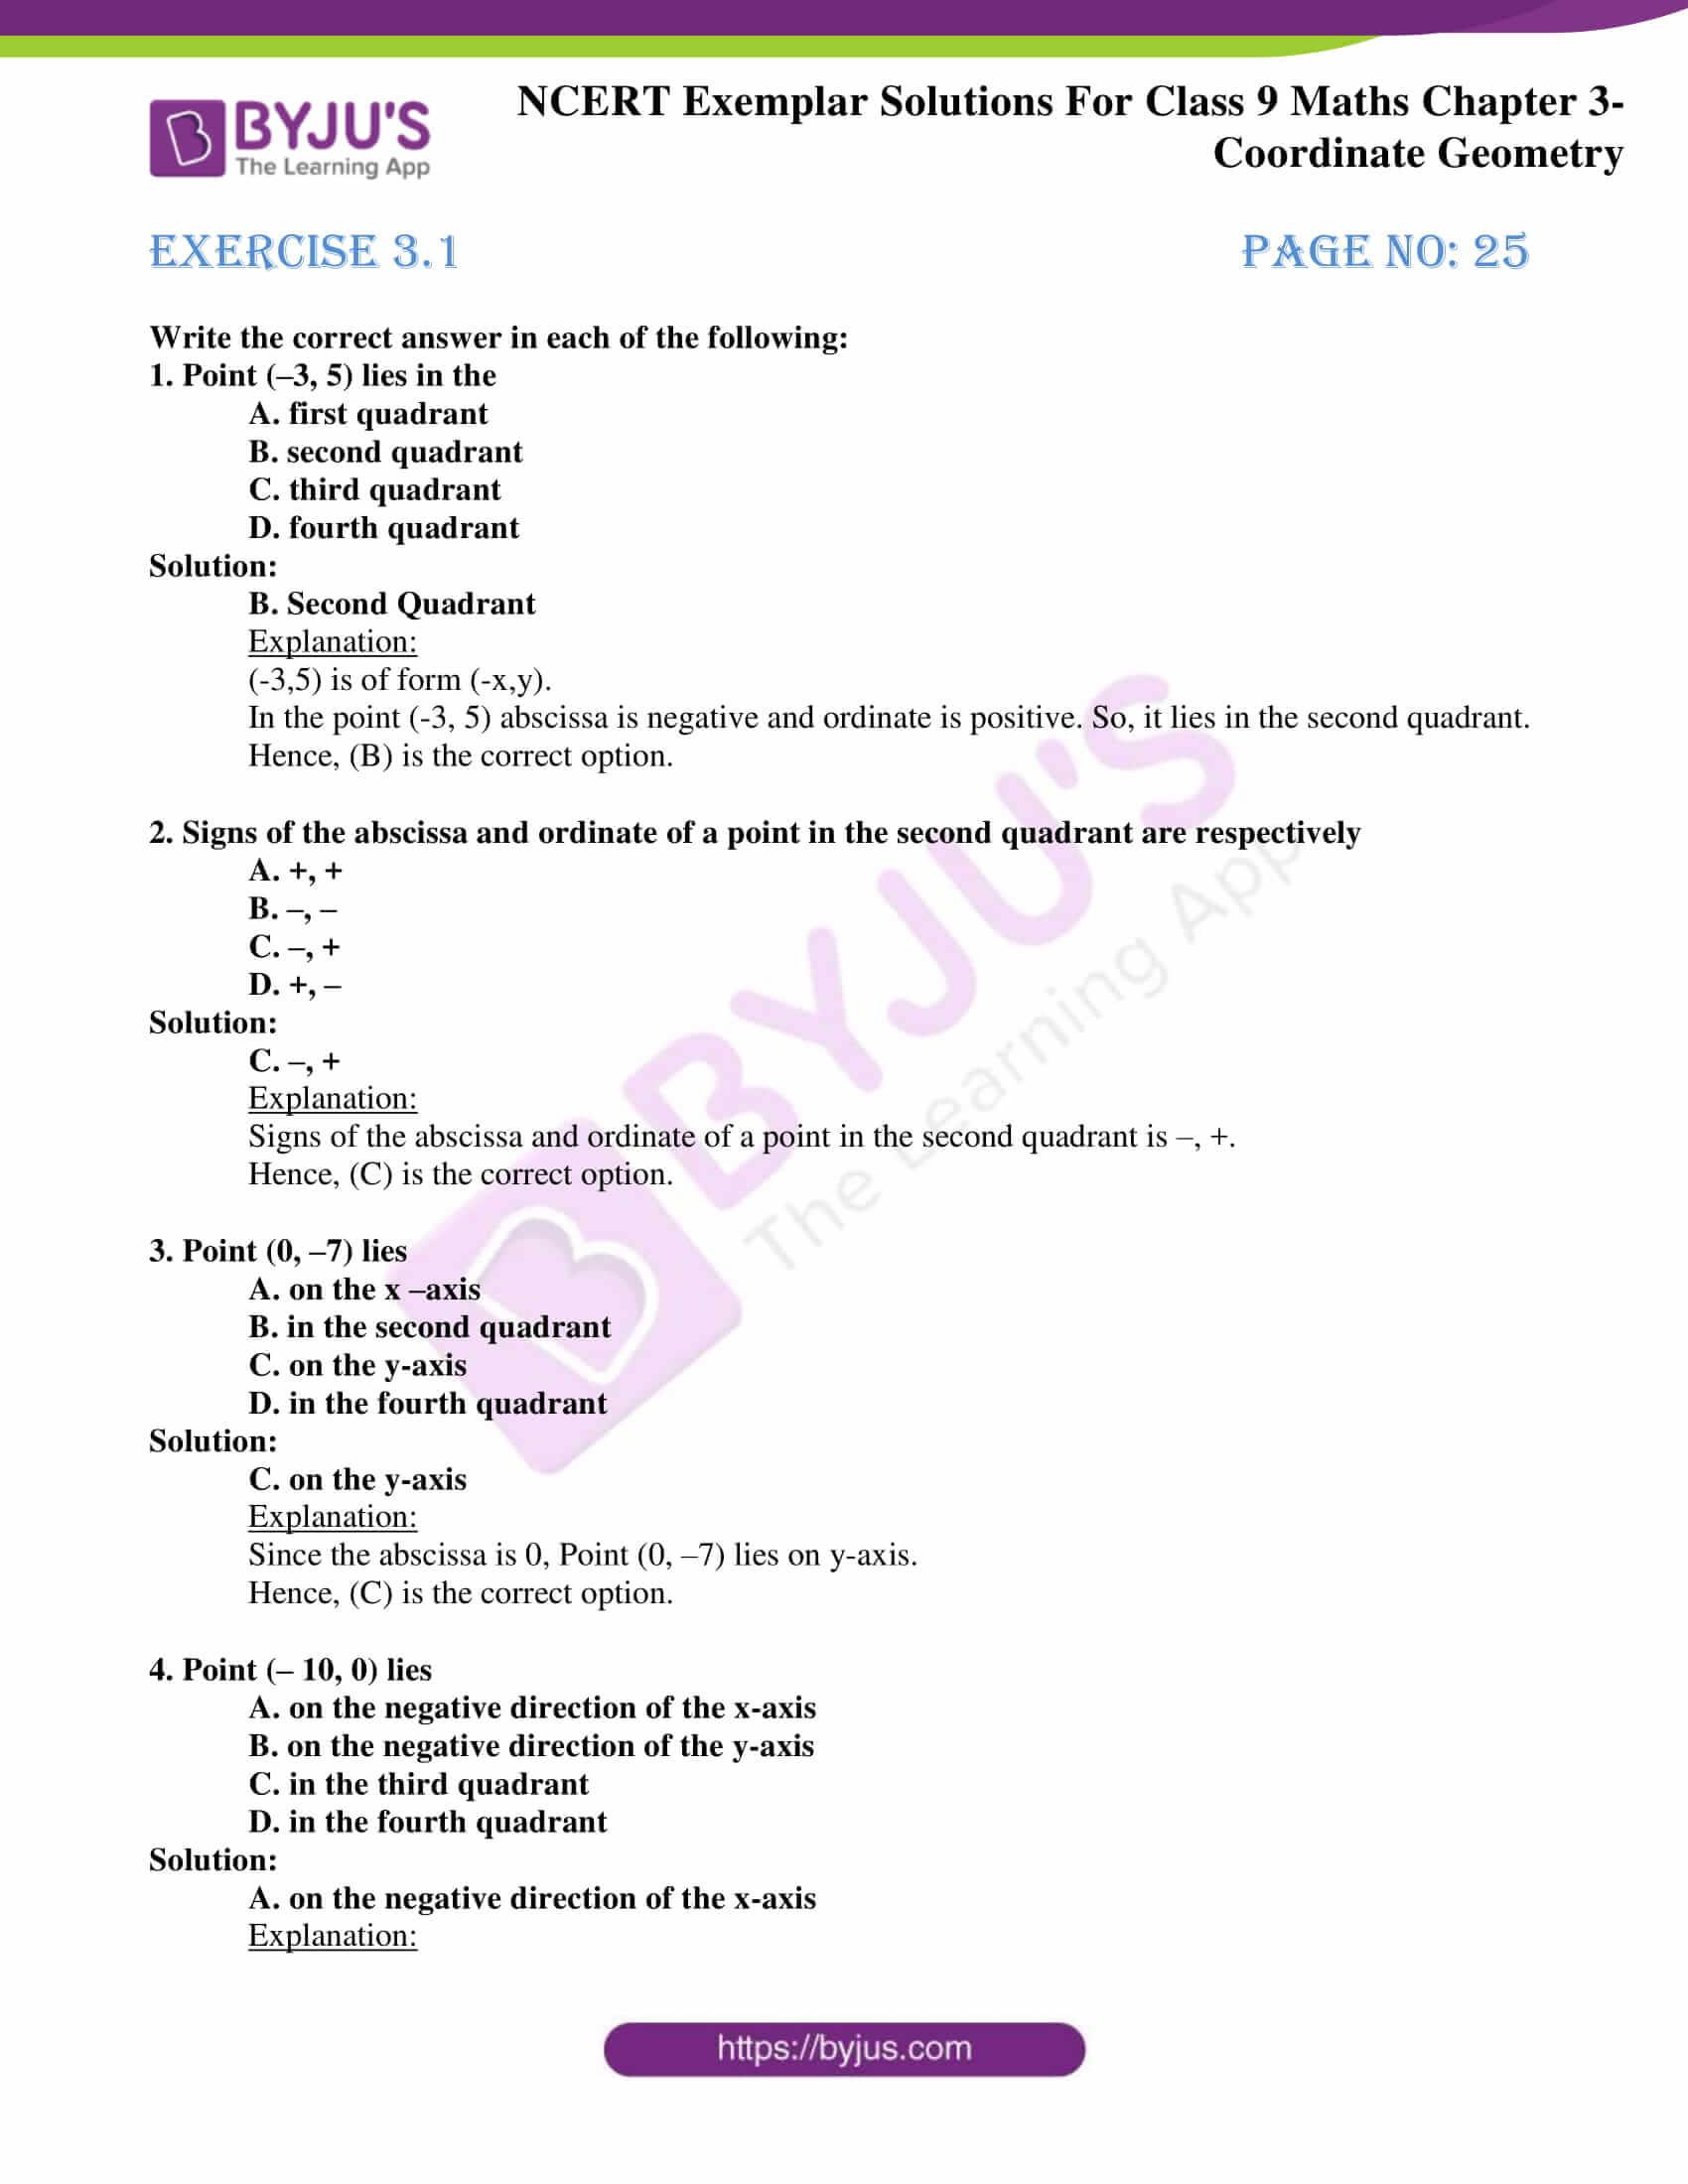 NCERT Exemplar Solutions for Class 9 Maths Chapter 3 01